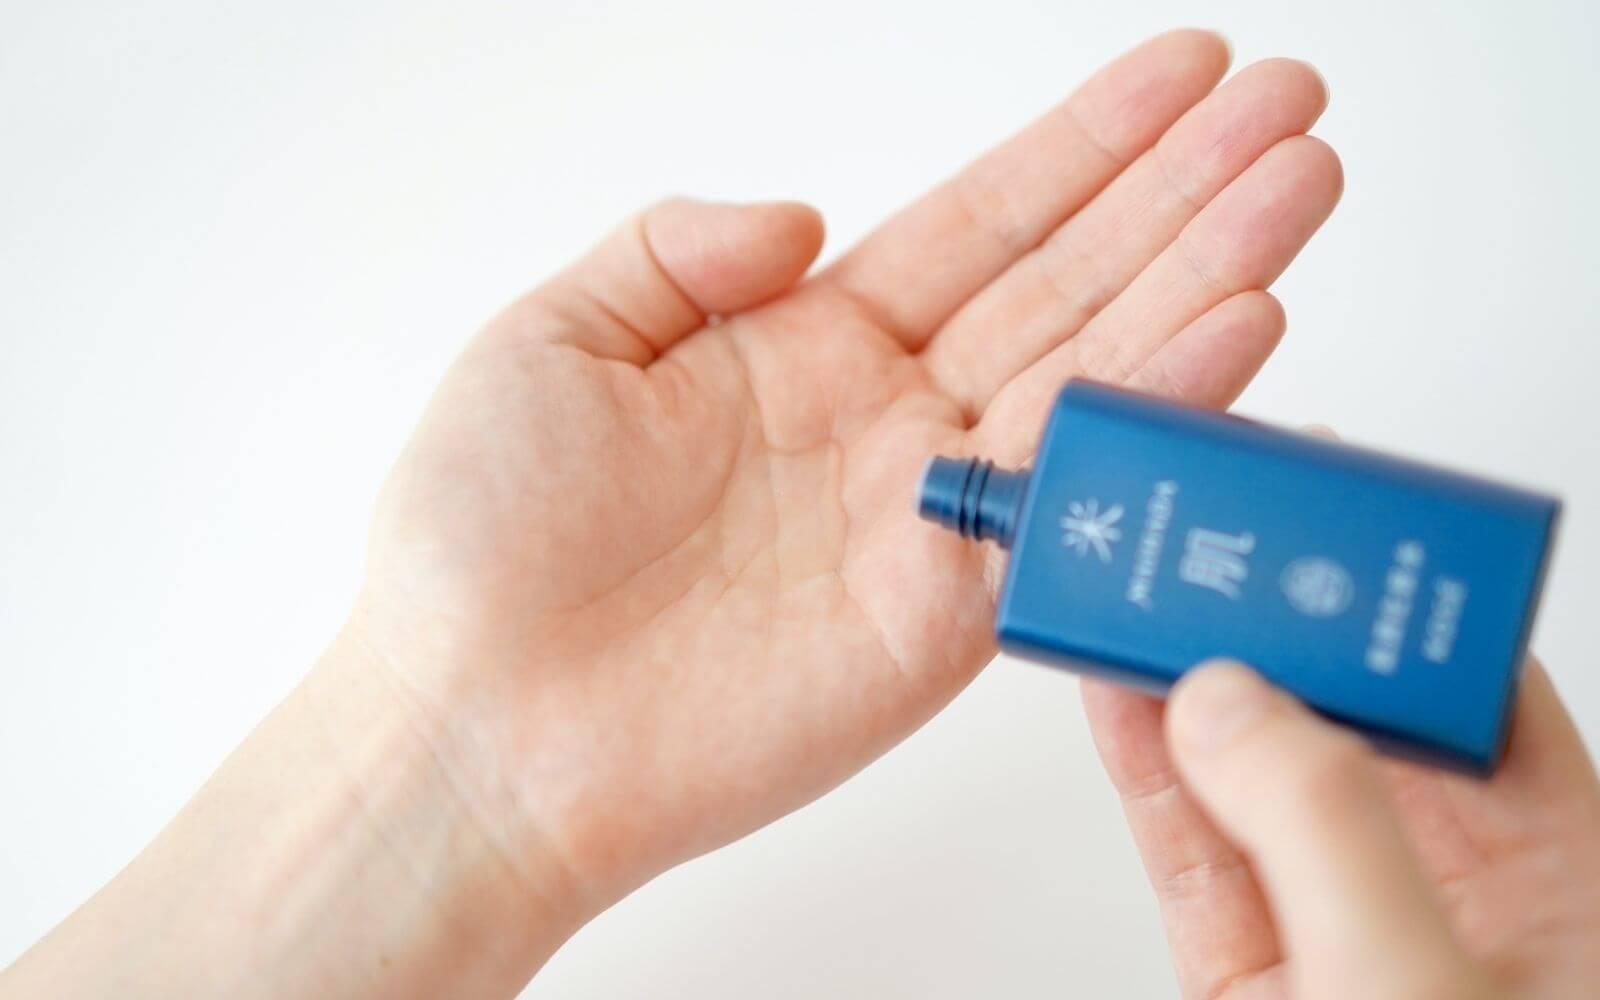 検証②肌潤化粧水のテクスチャー・使用感